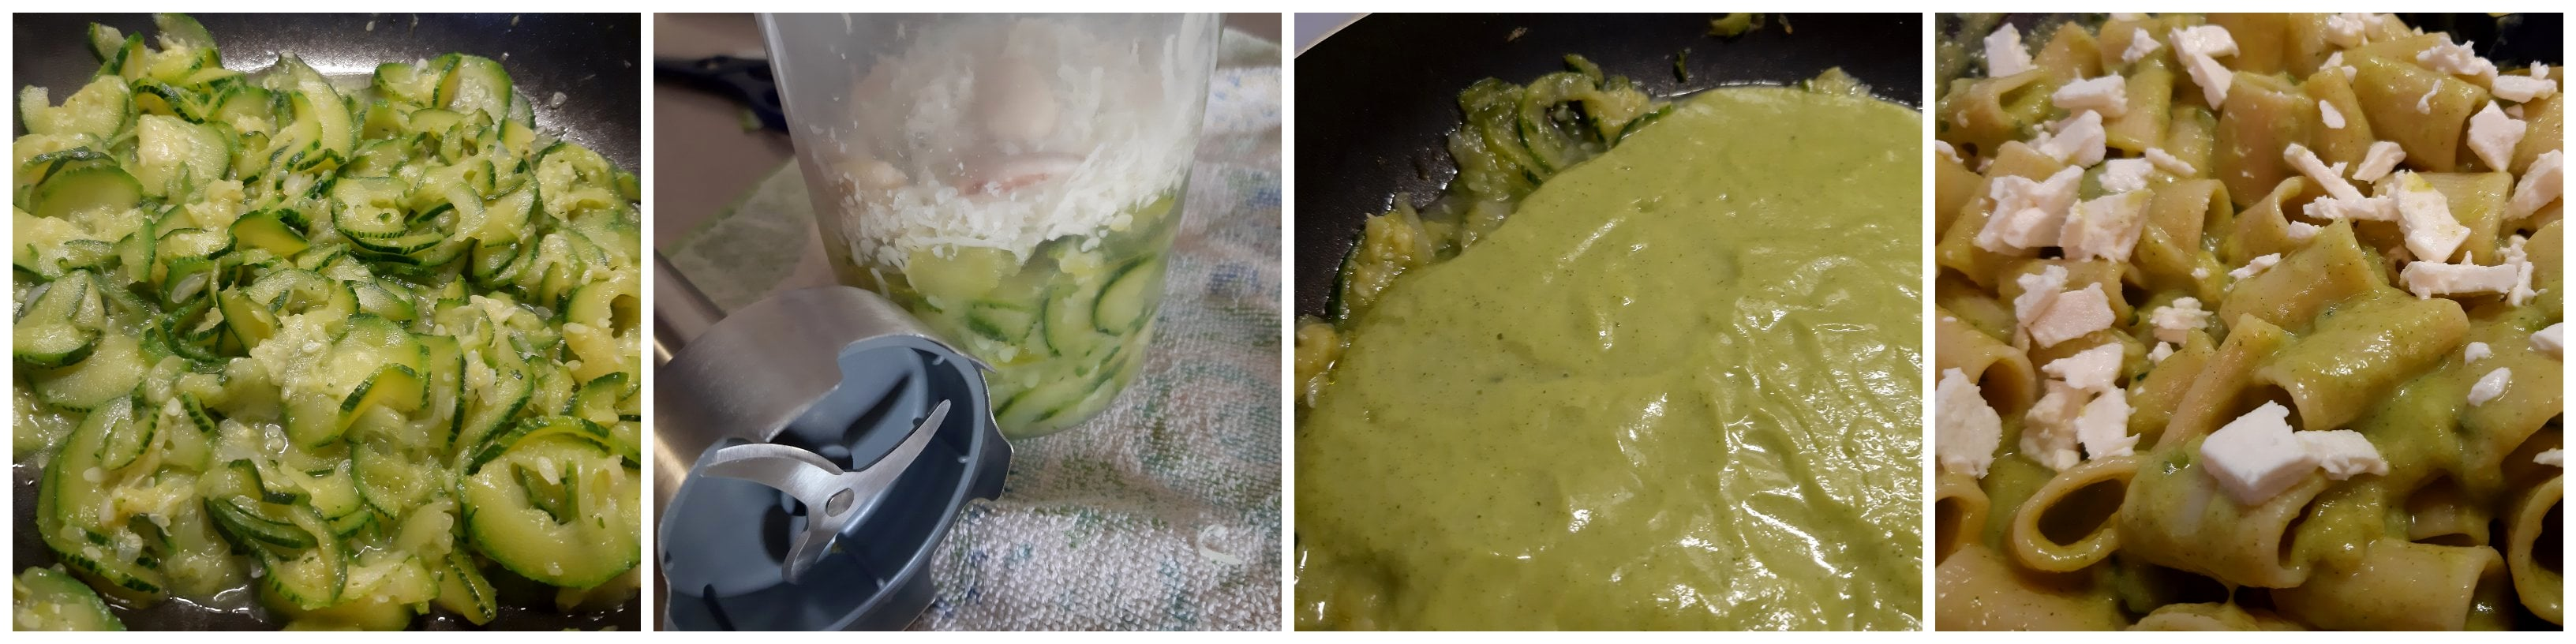 pasta zucchine feta box@VG-2